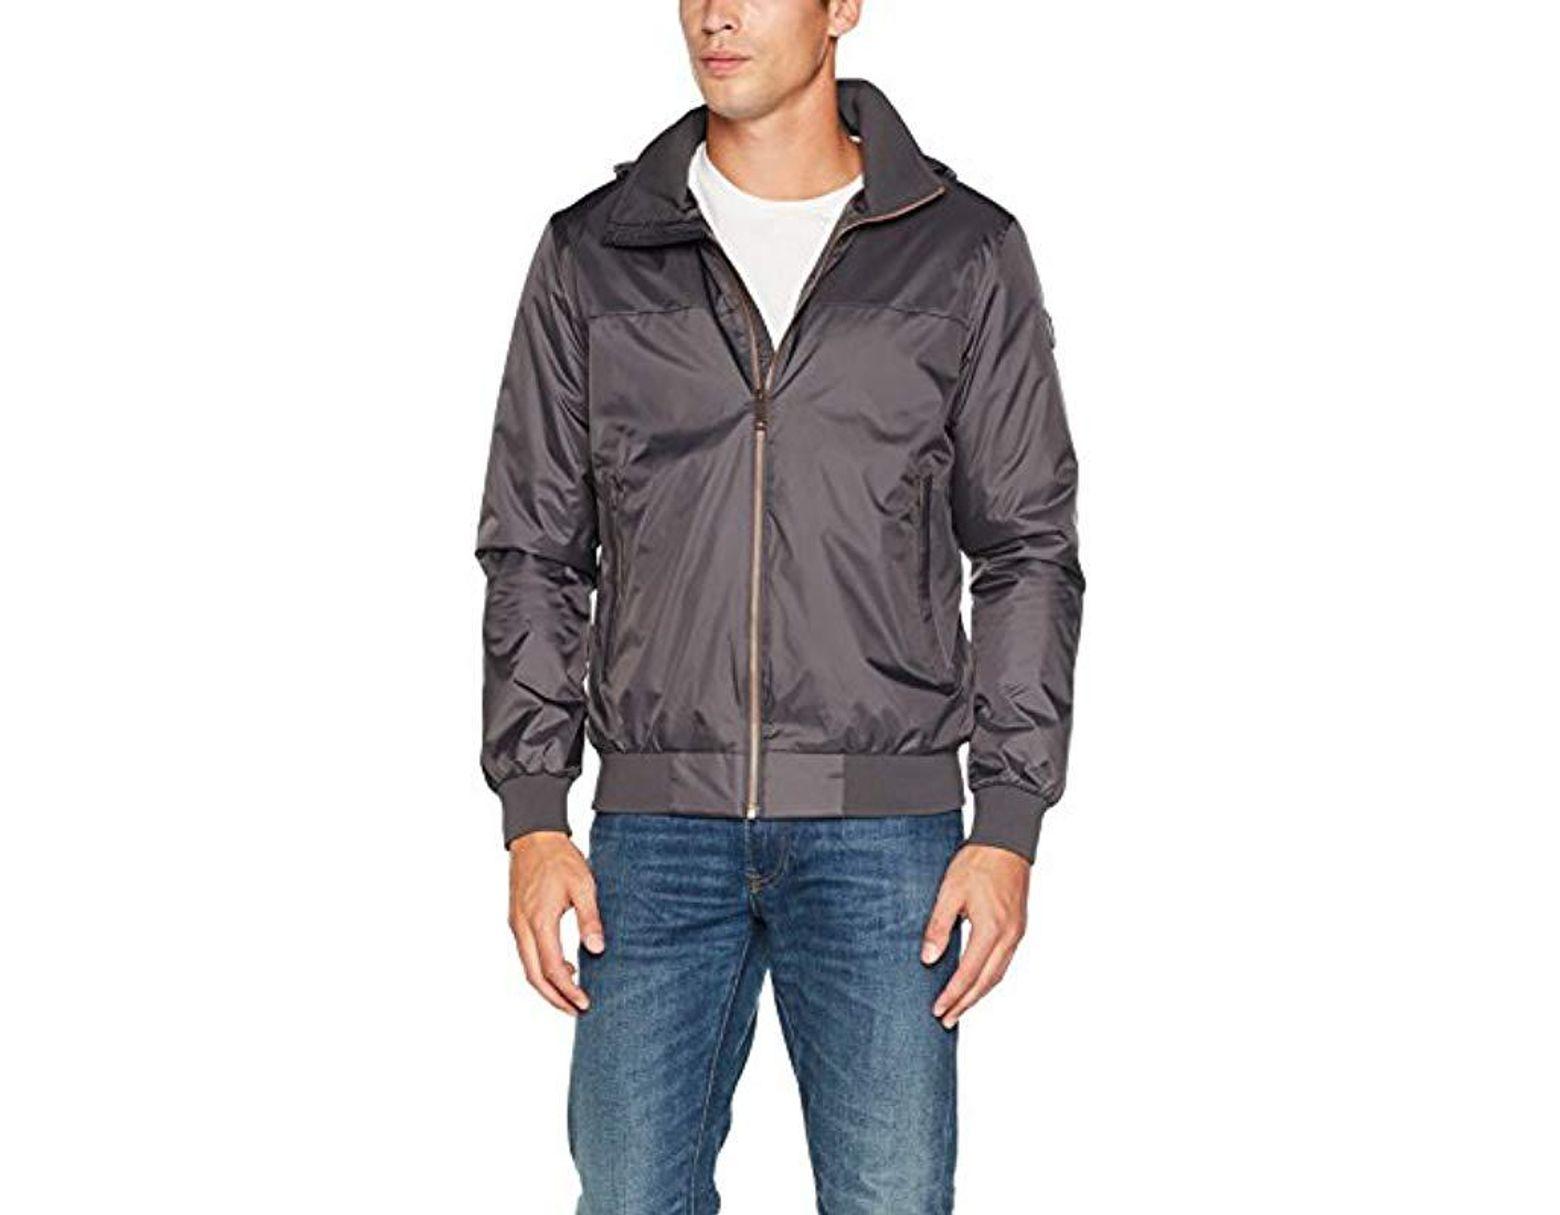 Nouvelles Arrivées c028c 2b3eb Eastham Fall Windbre Tim Manteau Imperméable Homme de coloris gris